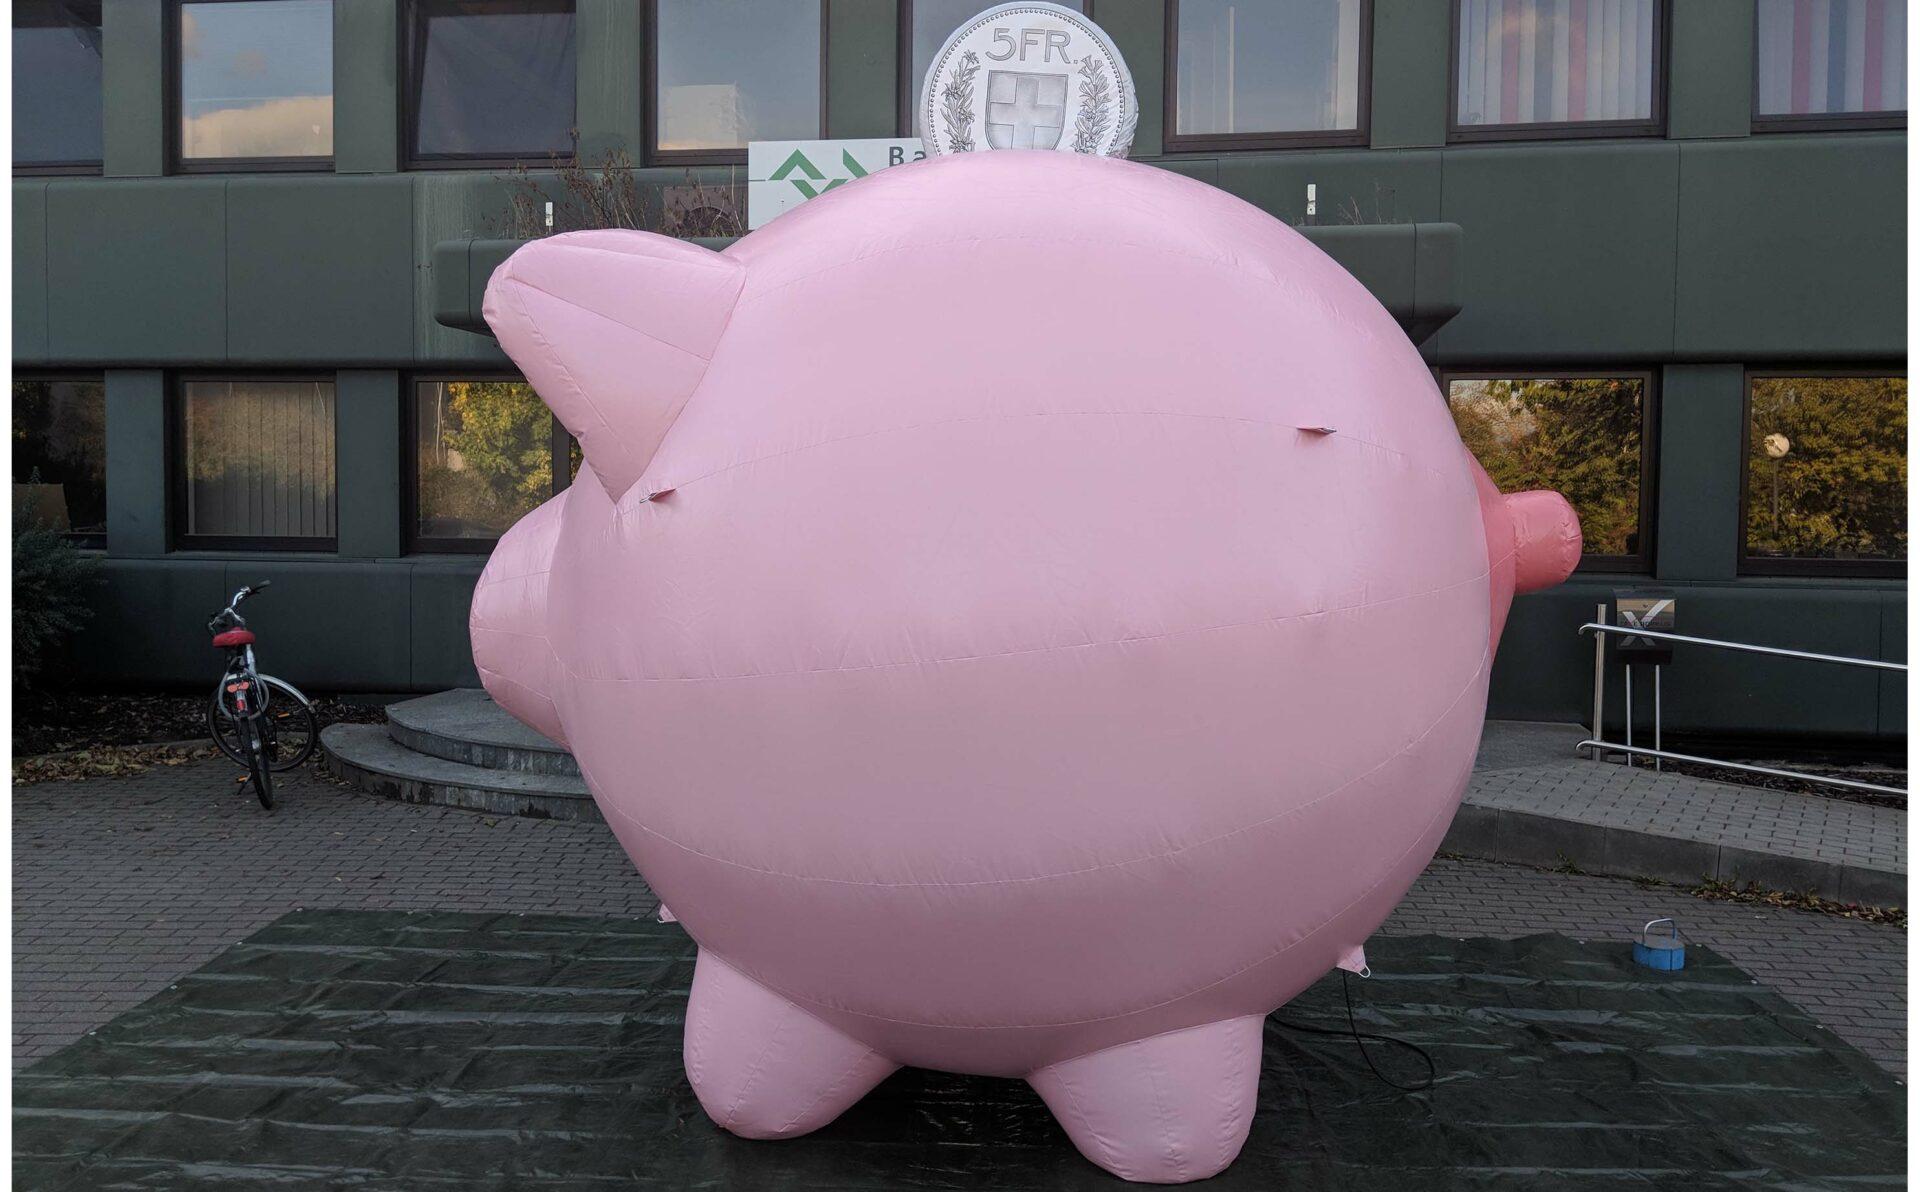 aufblasbares Sparschwein